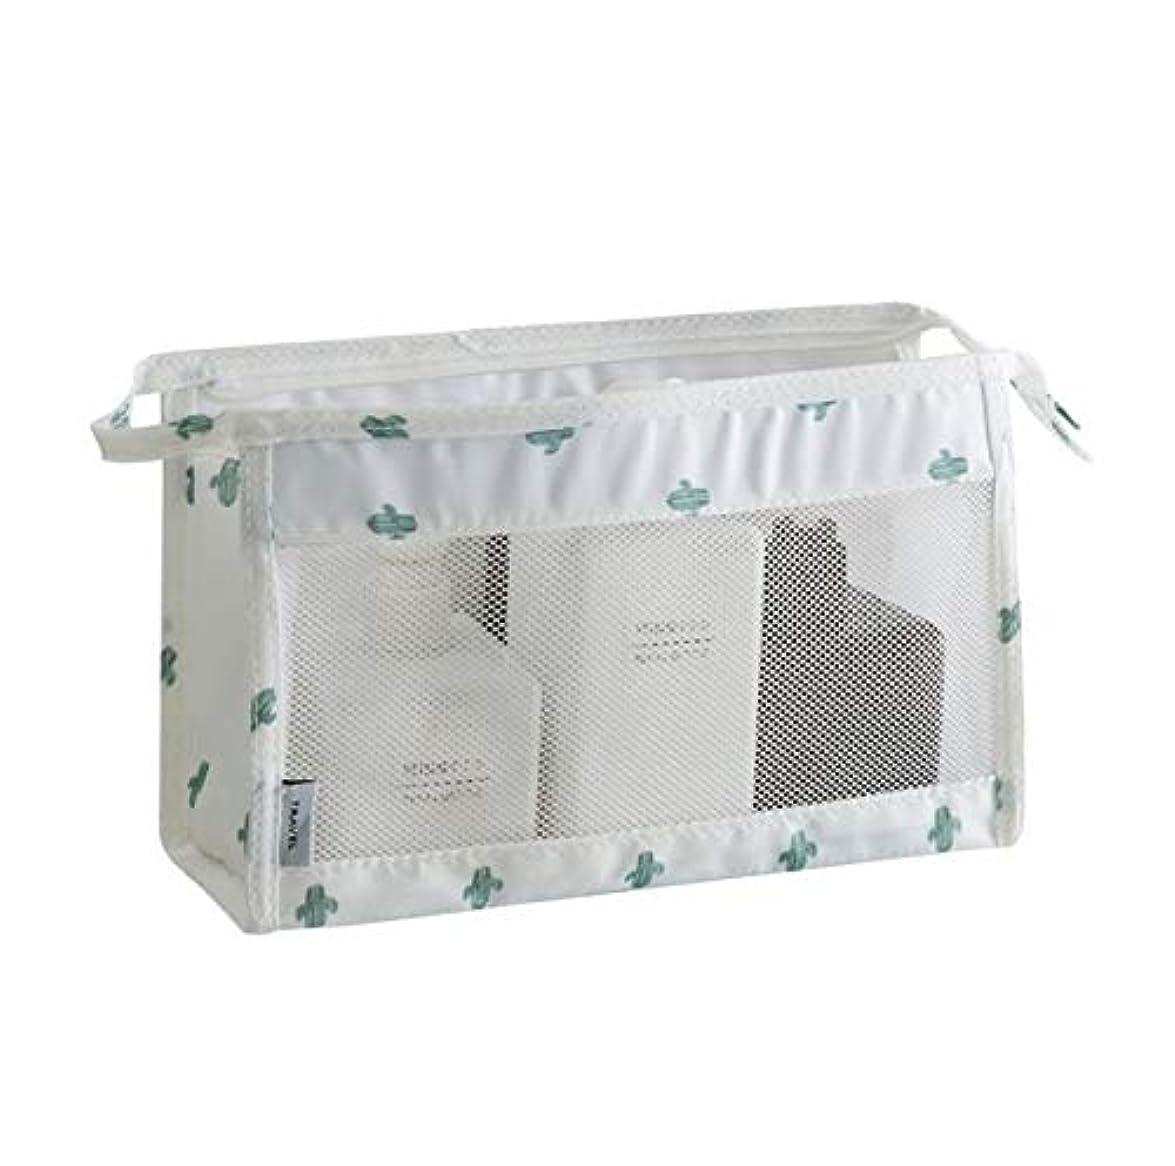 商標略す偶然のKTH 化粧バッグ、旅行用収納バッグ、ポータブルハンギング防水ウォッシュバッグ、メンズとレディースウォッシュバッグ (Color : ホワイト)